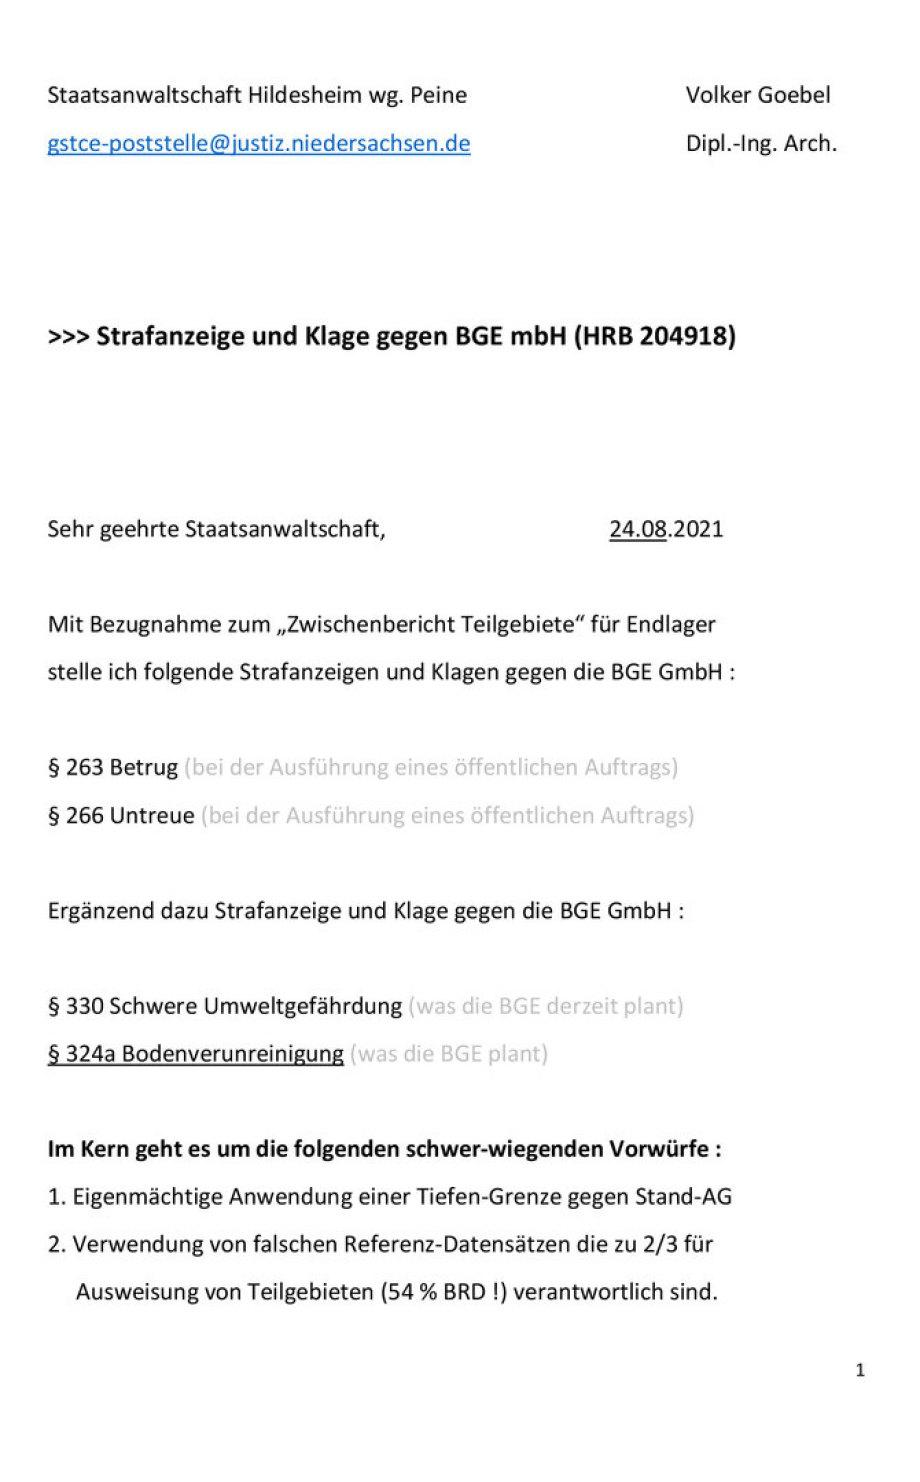 01_A_KORRIGIERT_Strafanzeige-und-Klage-gegen-die-BGE-mbH-z.H_1